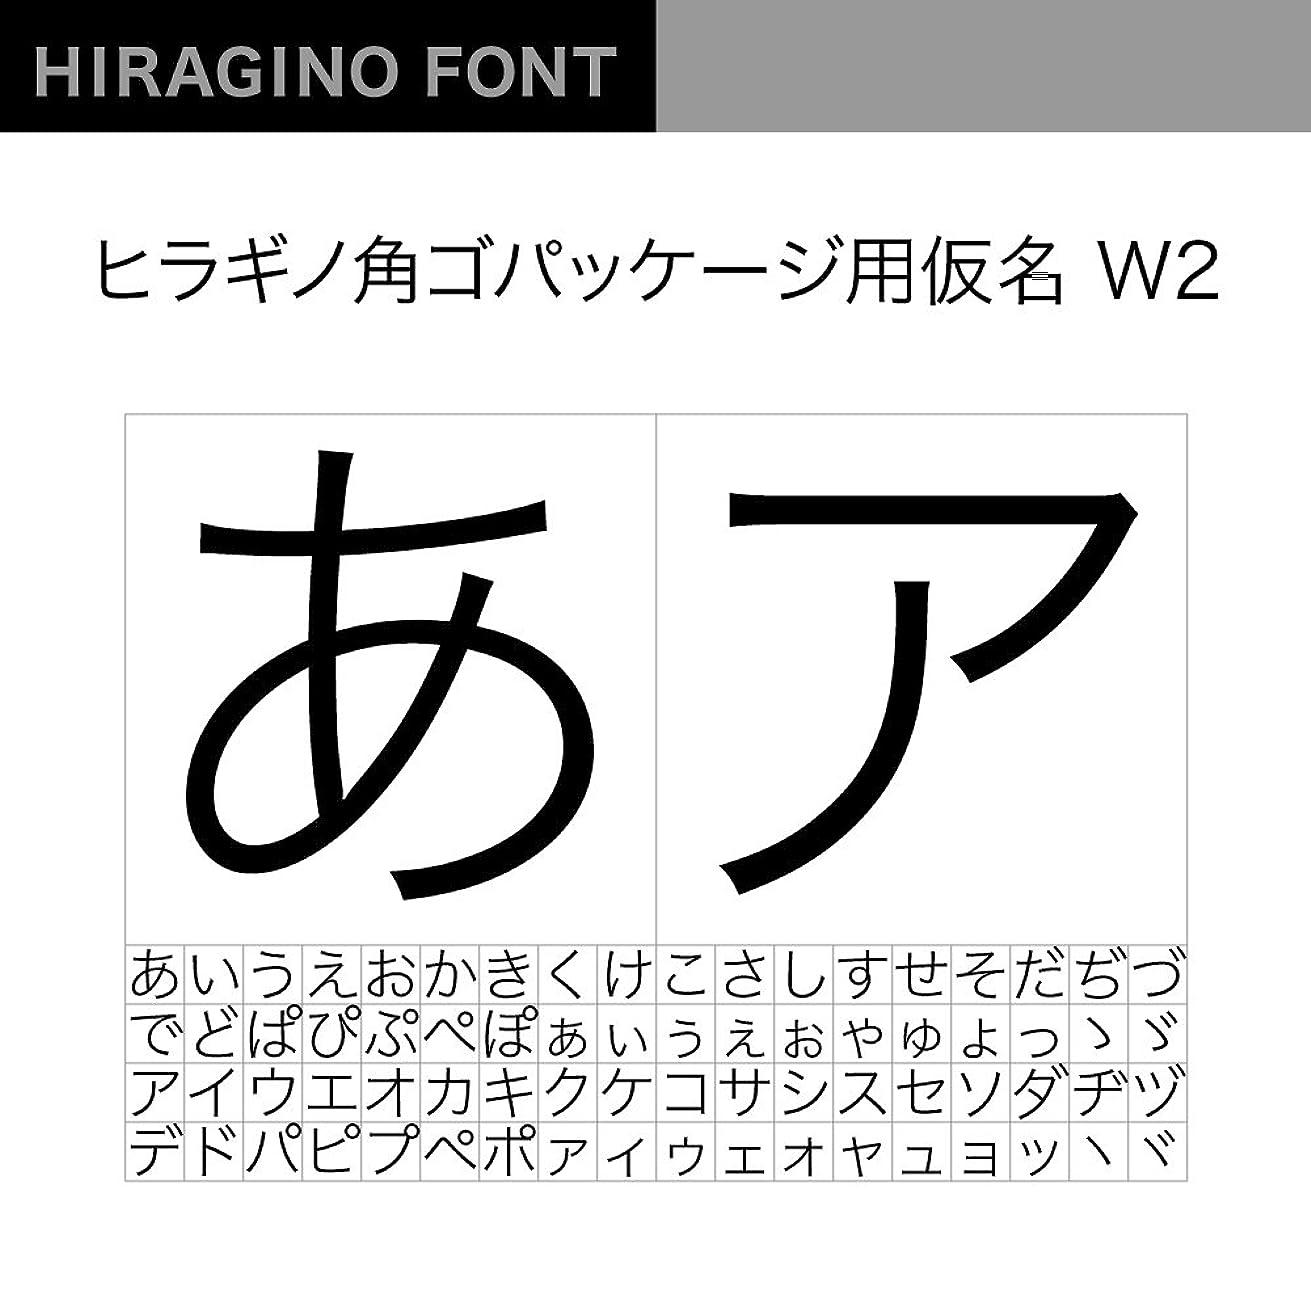 ベスビオ山知性建築OpenType ヒラギノ角Pack仮名 W2 [ダウンロード]